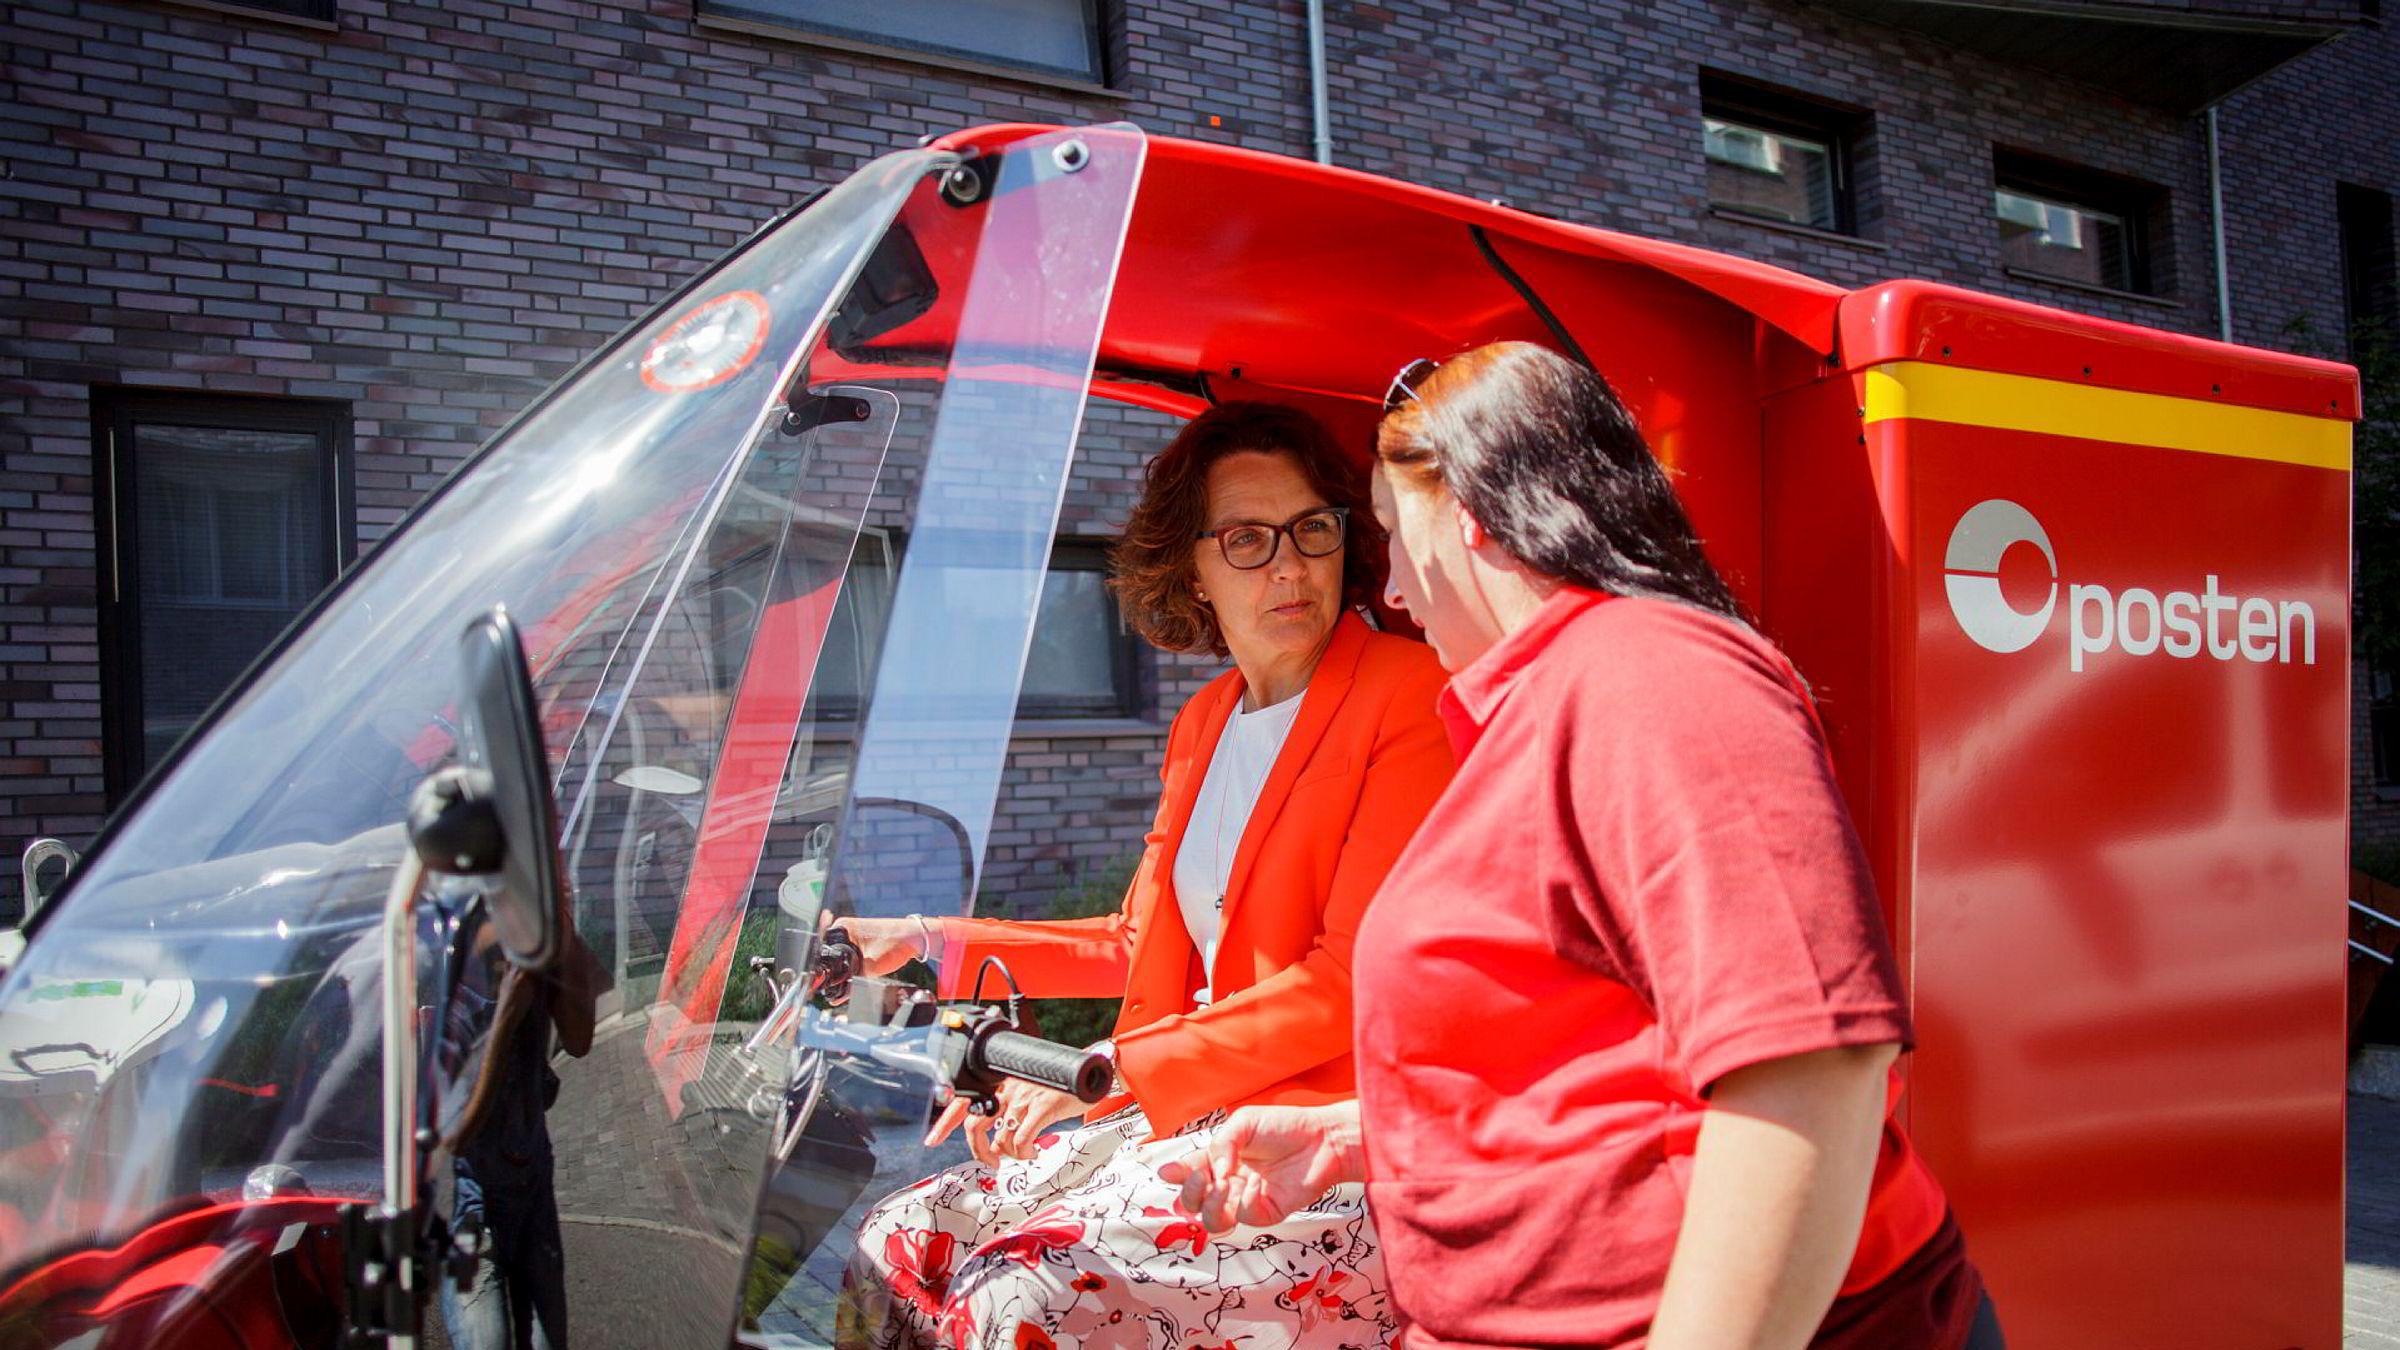 – Vi har stor tro på en selvkjørende fremtid, sier konsernsjef Tone Wille i Posten Norge. Her tester hun elbilen Paxster. Postbud Ann Kristin Løkkevik forklarer hvordan man kjører den.